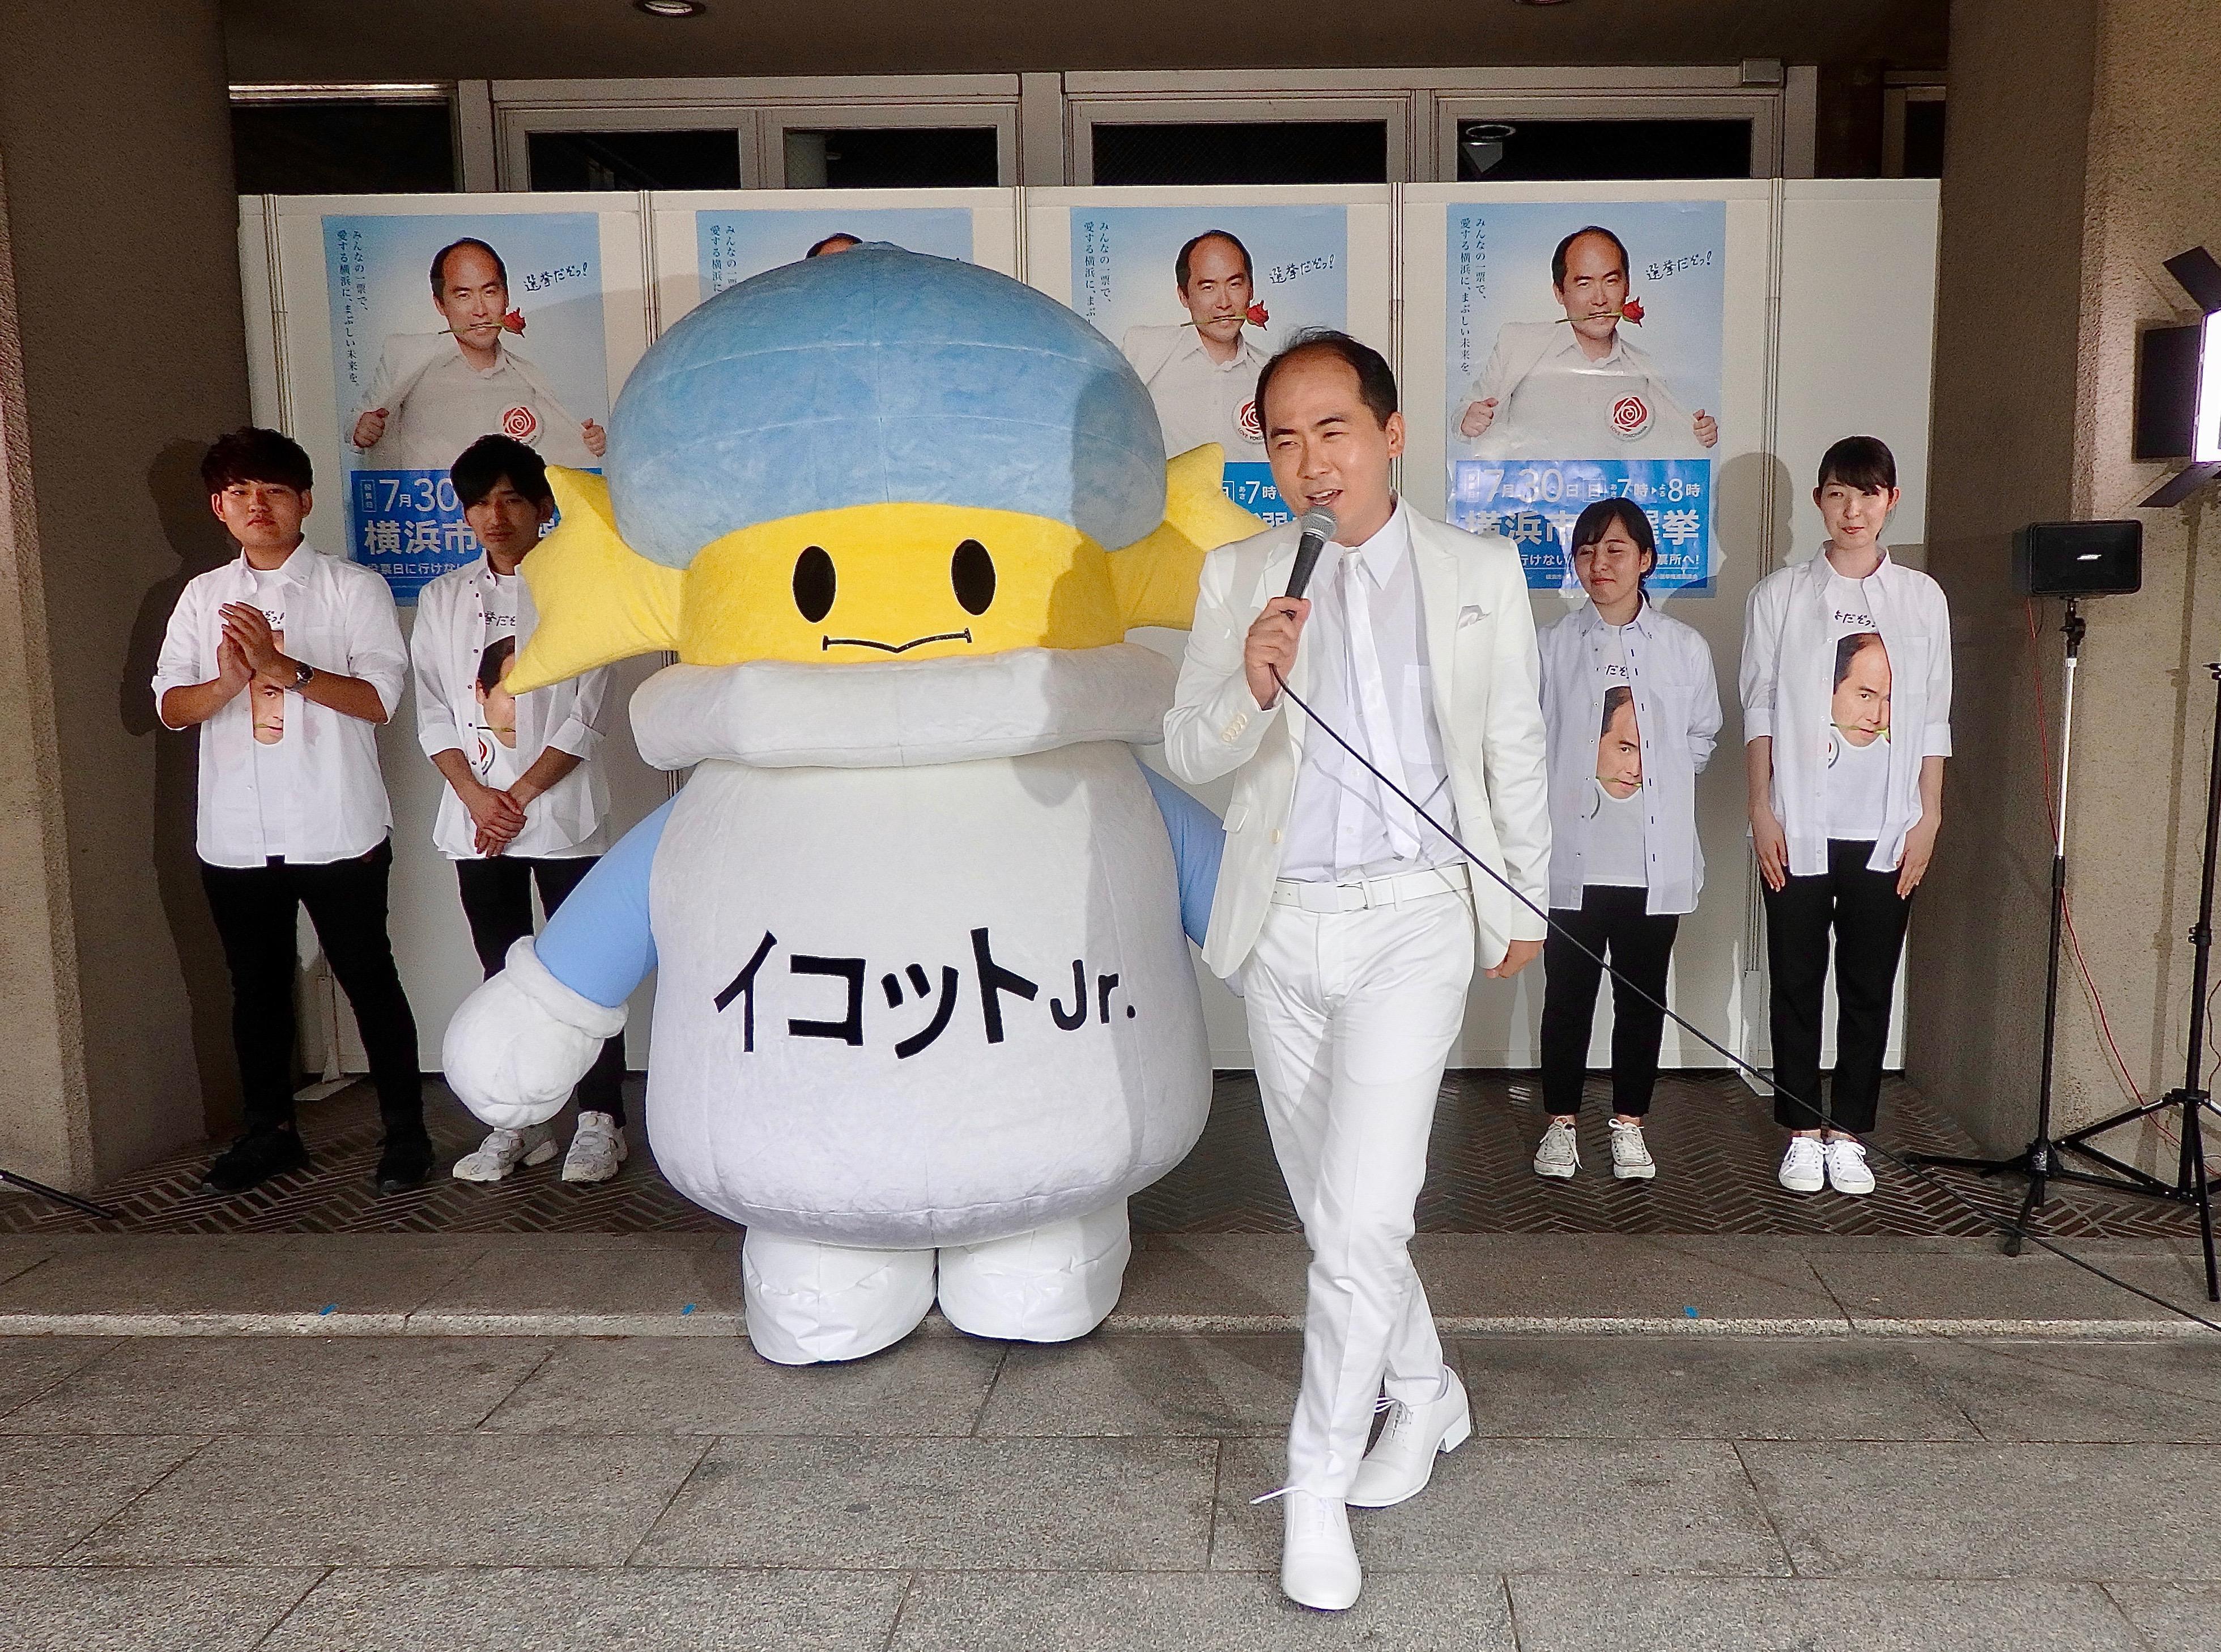 http://news.yoshimoto.co.jp/20170716164547-7c4512b86bdc11fc8641fa55d00c96d39b15d200.jpg